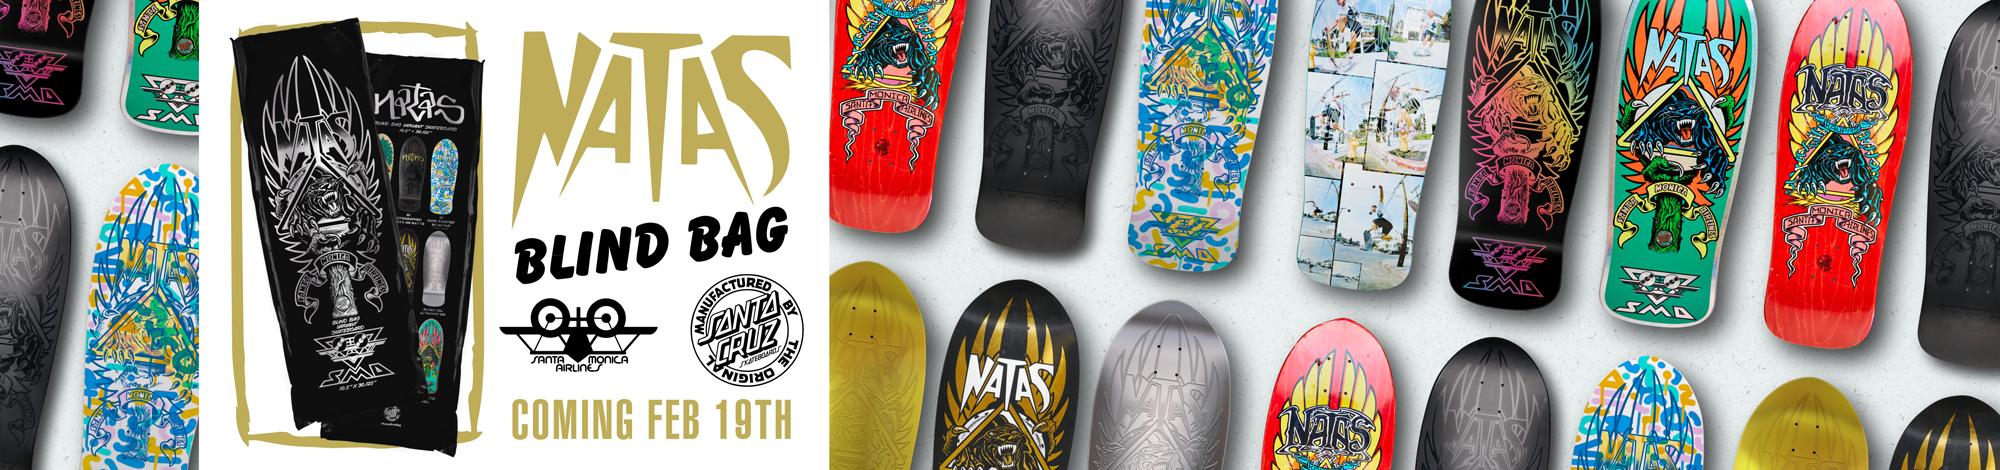 NATAS Blind Bag Reissue Skateboard Decks